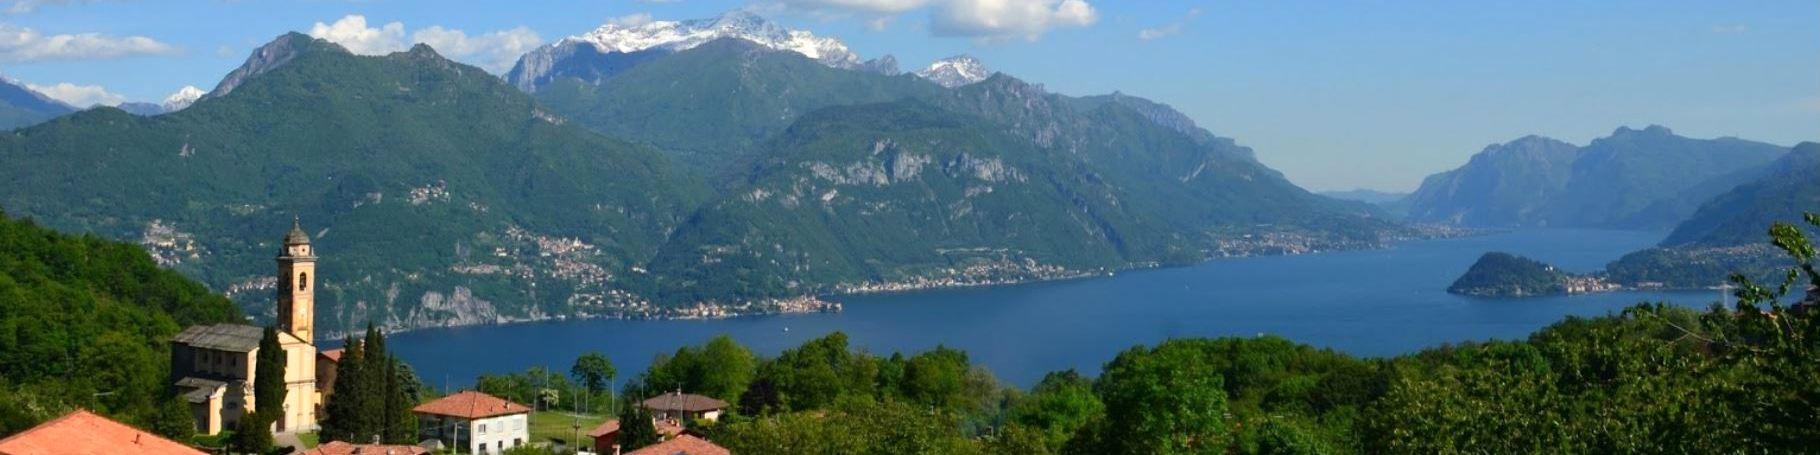 pohled na jezero z městečka Plesio